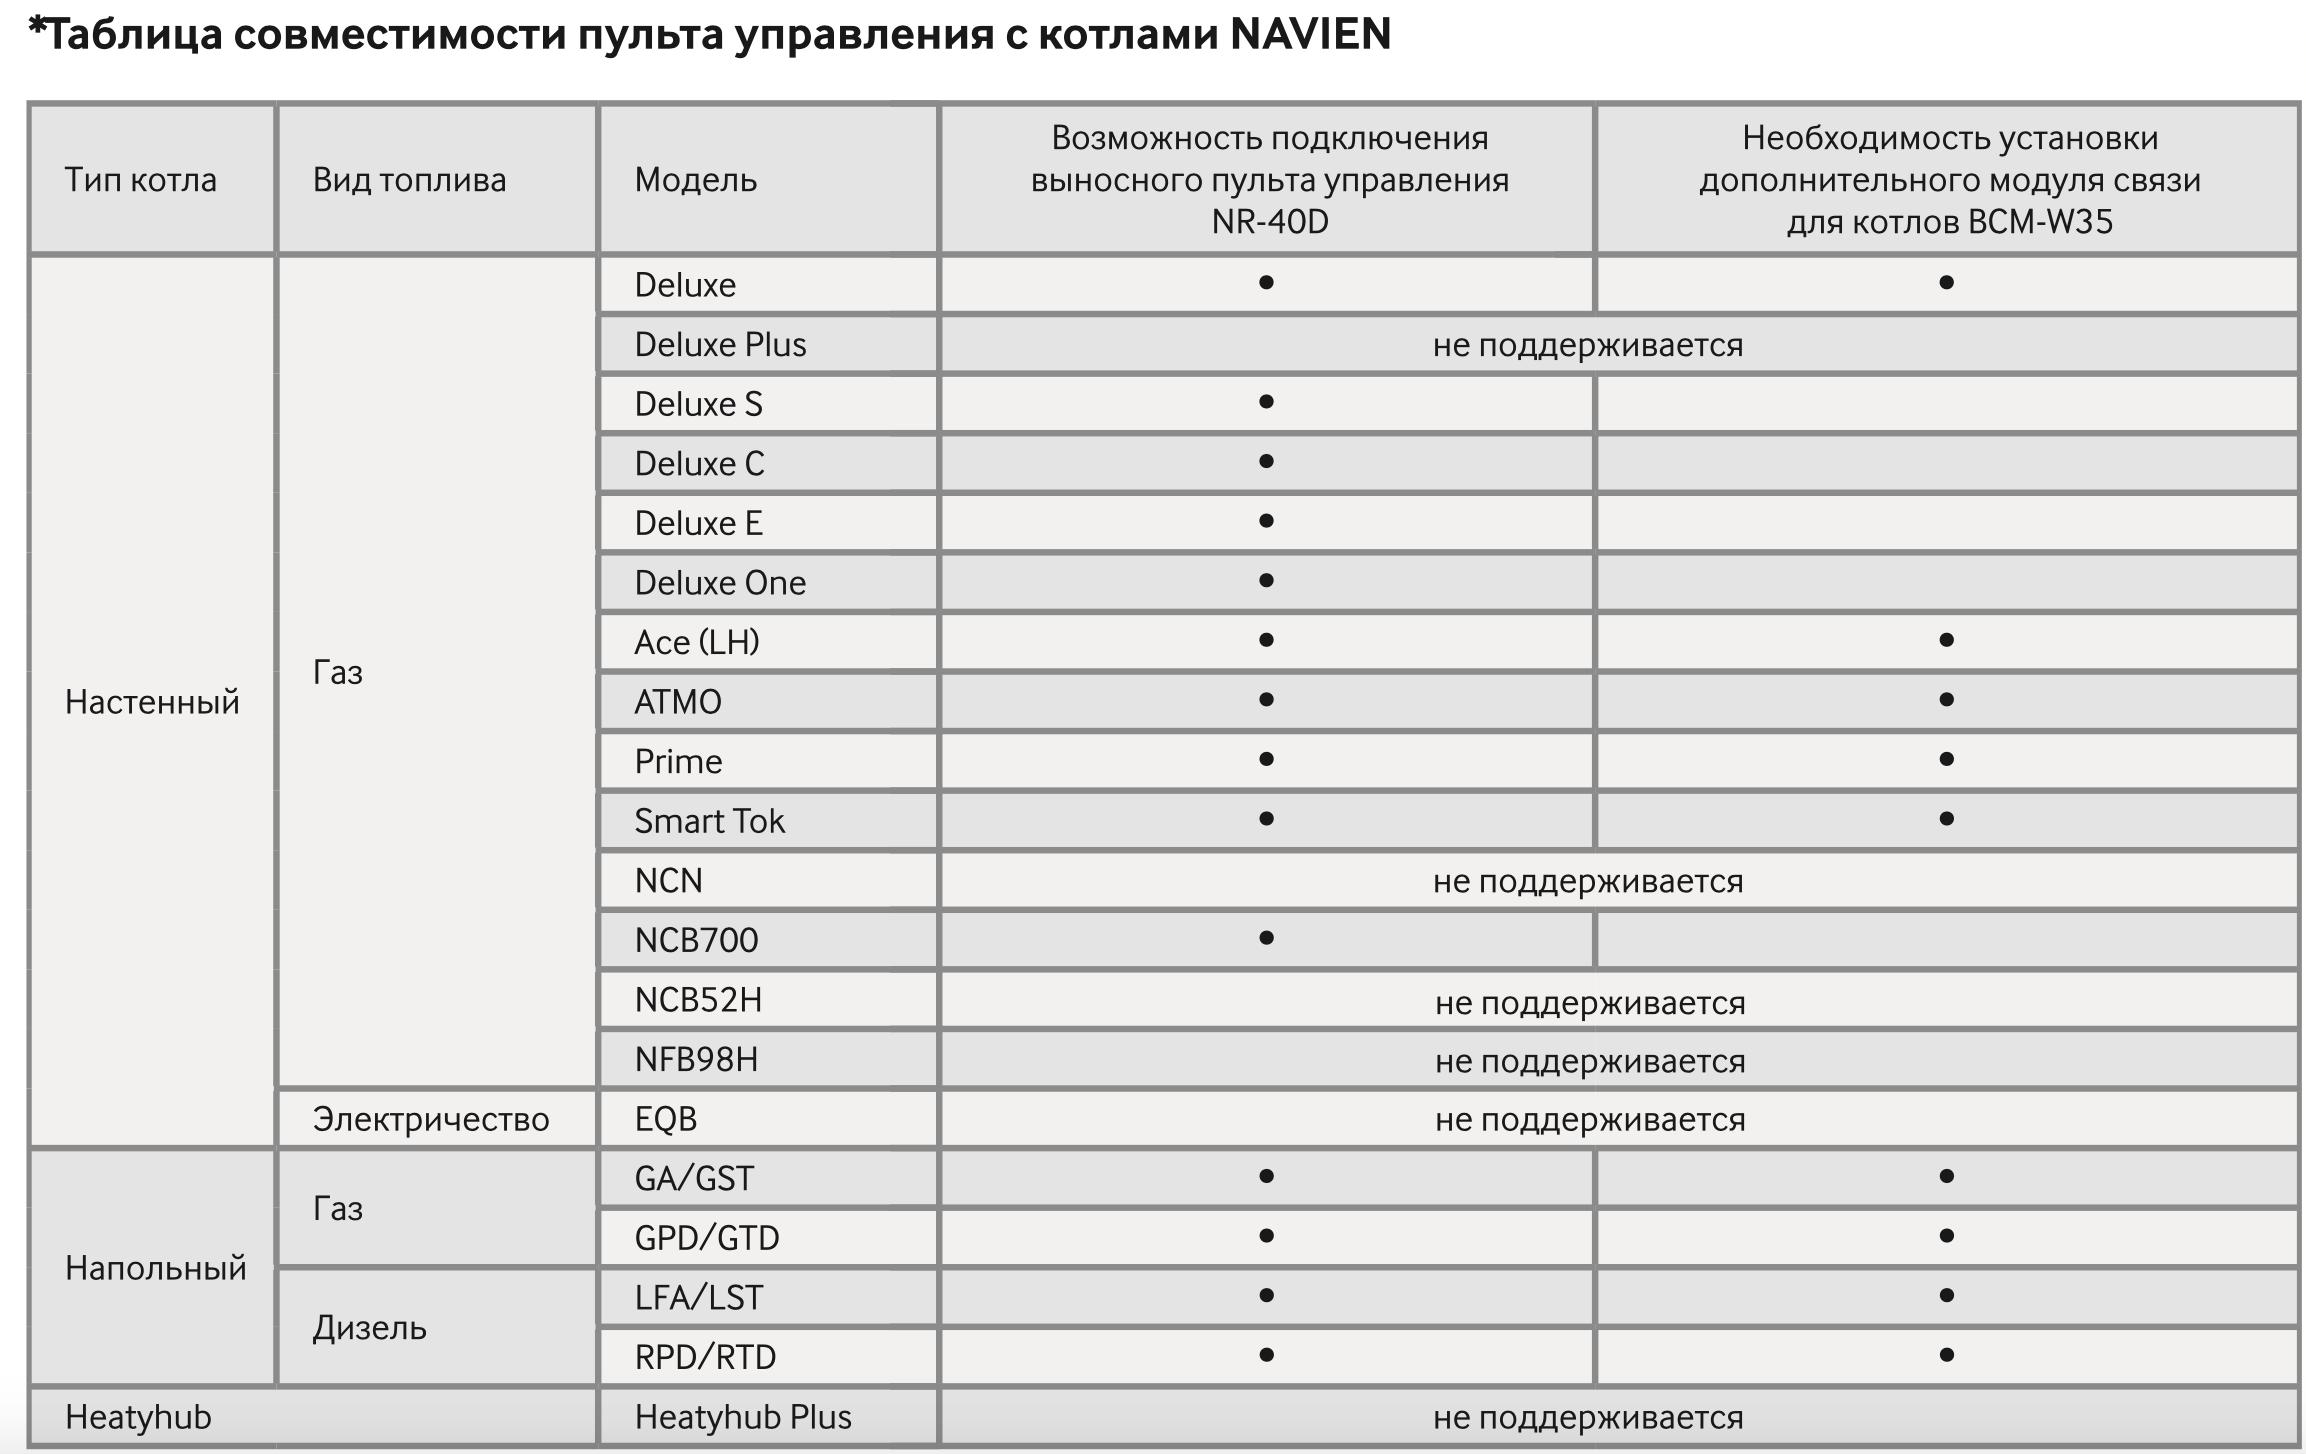 Таблица совместимости пульта управления с котлами NAVIEN